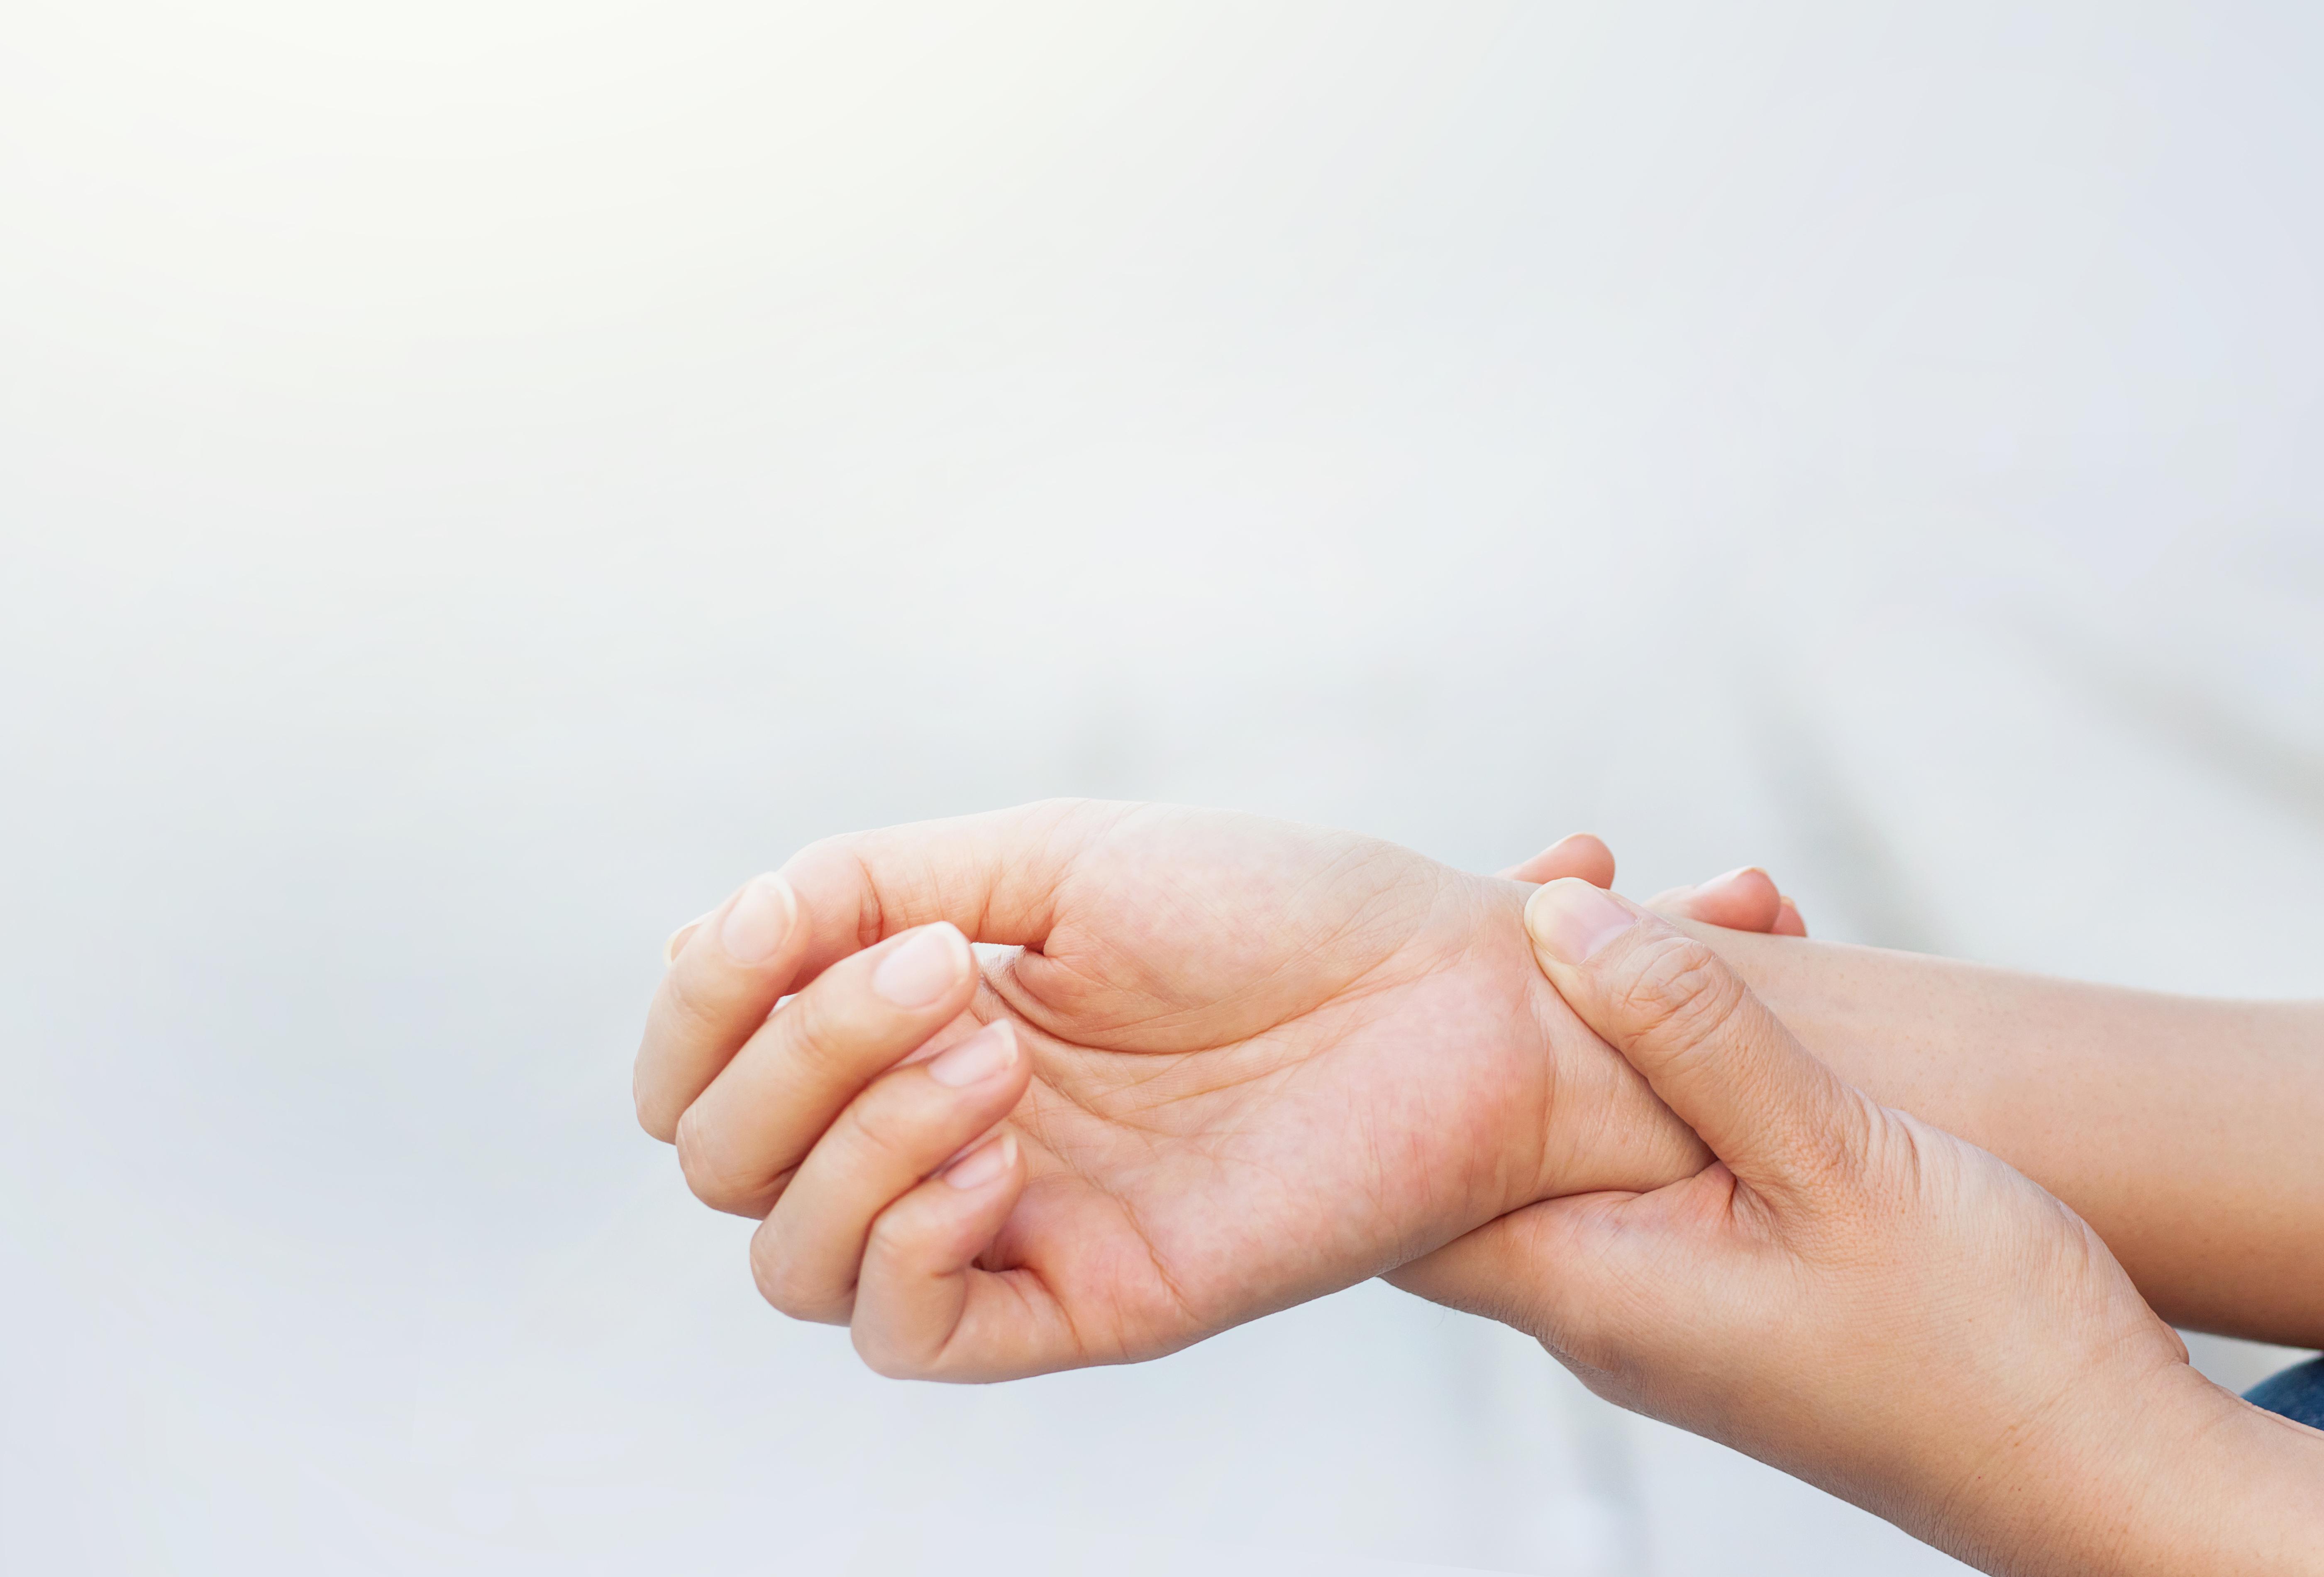 Handledens kringliggande område är fullt av senor, senfästen och senskidor som ibland kan bli inflammerade.